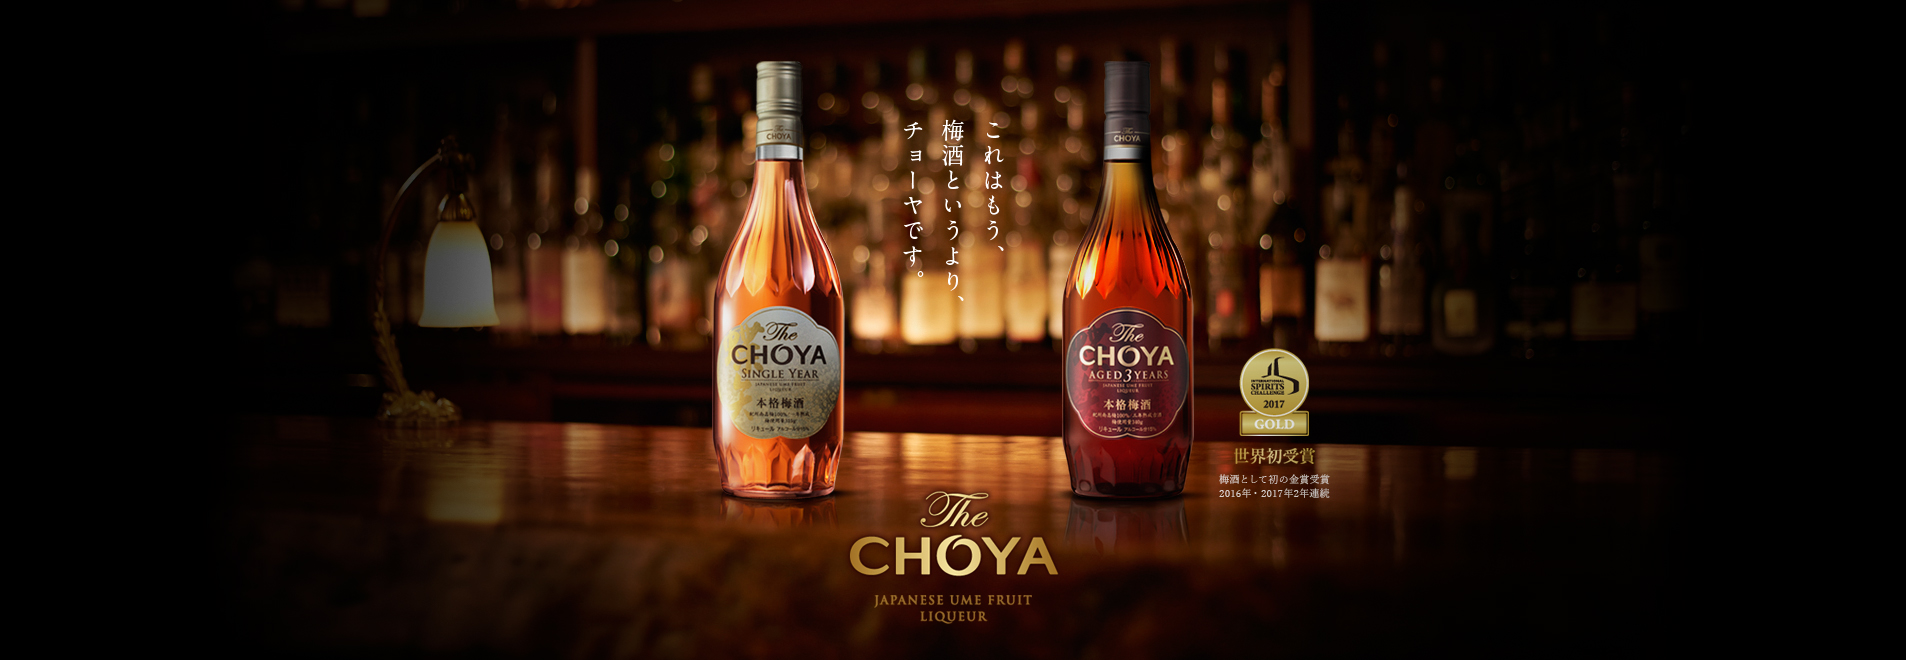 http://homeshop123.net/ruou-mo-nhat-ban-choya